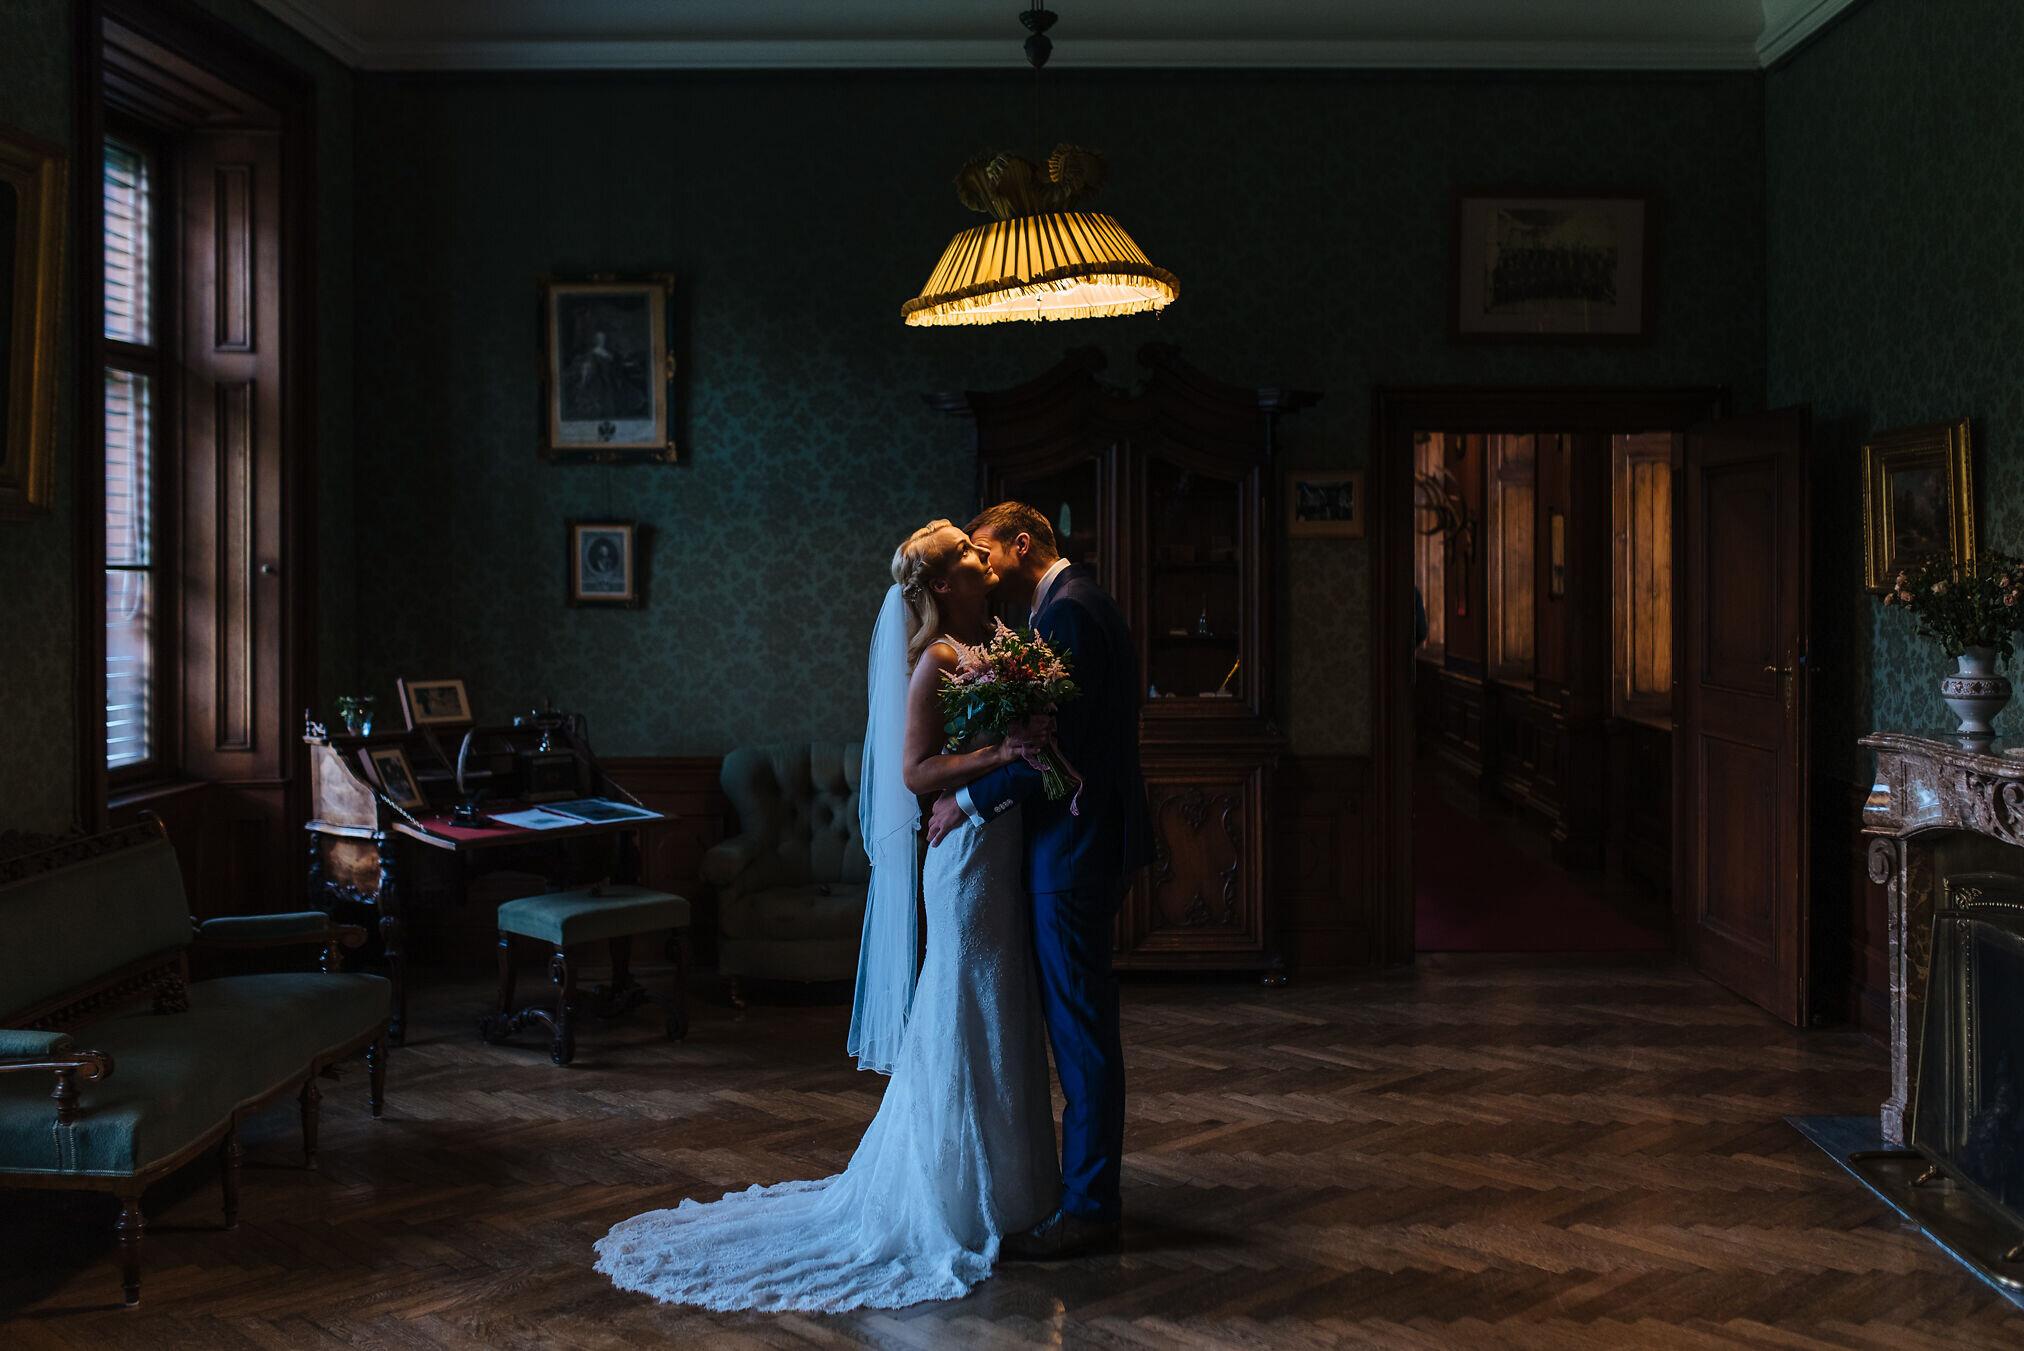 Hochzeit-Schloss-Eckartsau-38.jpg